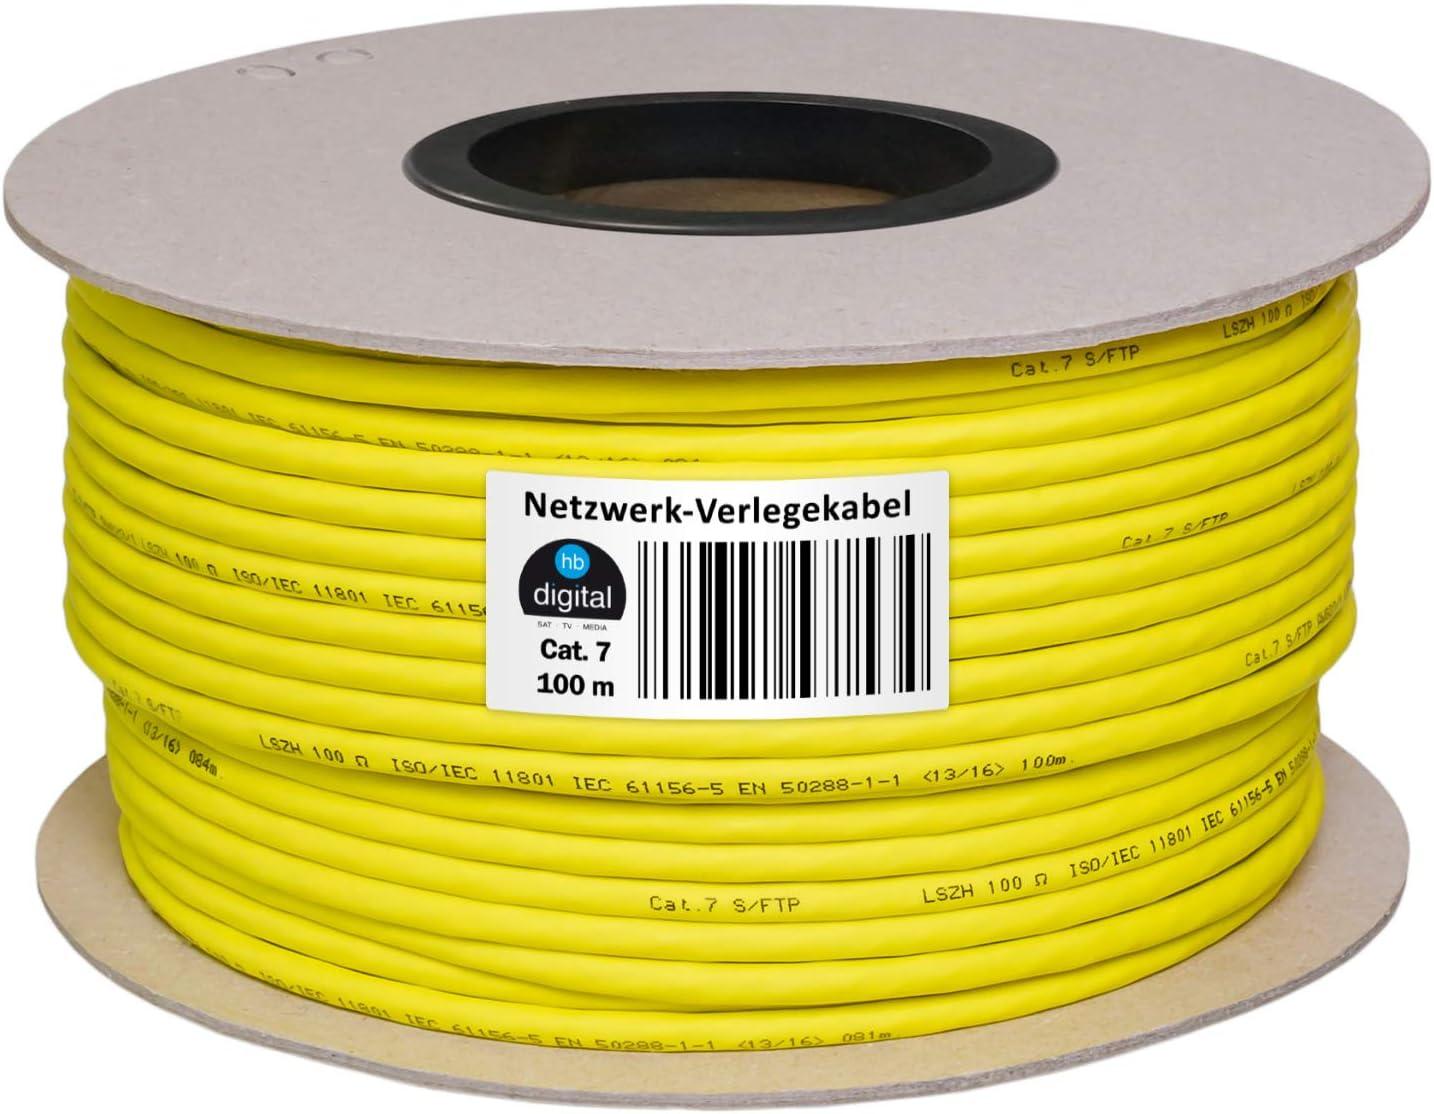 Cable de red digital HD LAN cat5sh – Cable de categoría 7 de cobre AWG 23/1 Profi LAN Kabel 100 m: Amazon.es: Electrónica